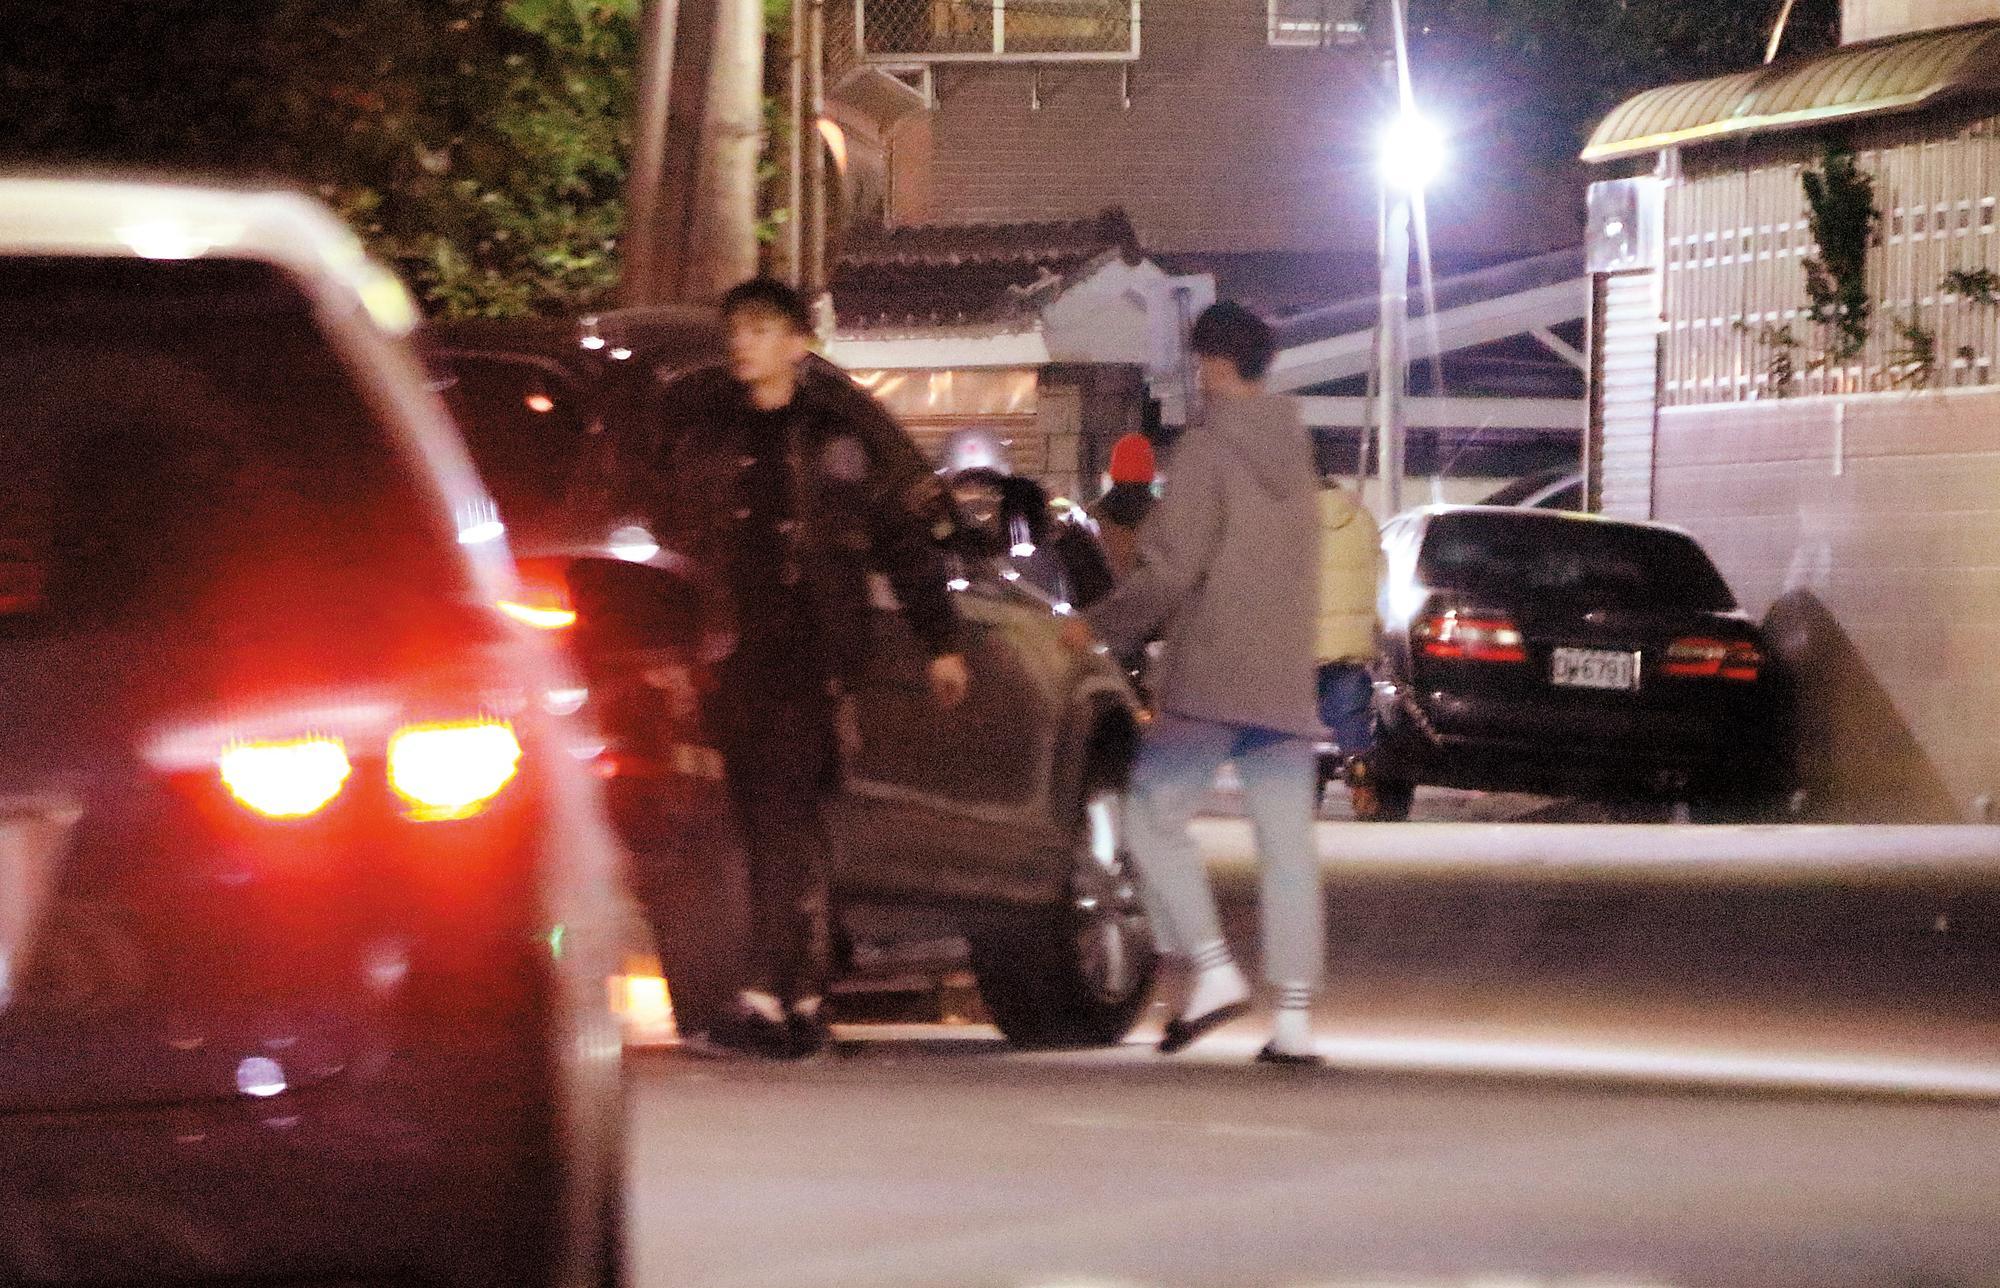 21:26 炎亞綸接送的嫩男上了車後,又下車回家;沒多久又出現,上了炎亞綸的車開往旅館。